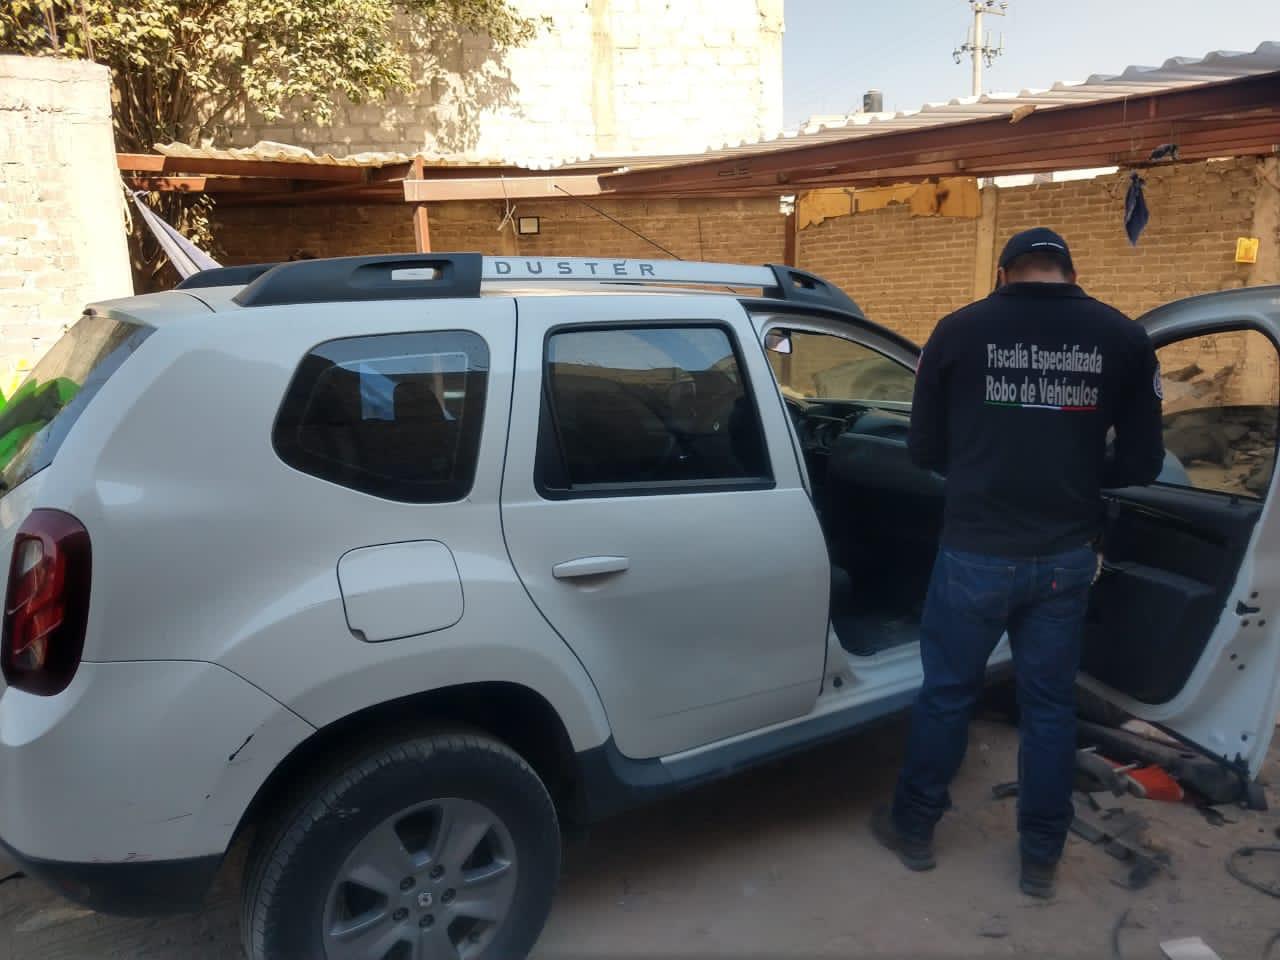 LOCALIZAN CINCO VEHÍCULOS CON REPORTE DE ROBO EN ECATEPEC